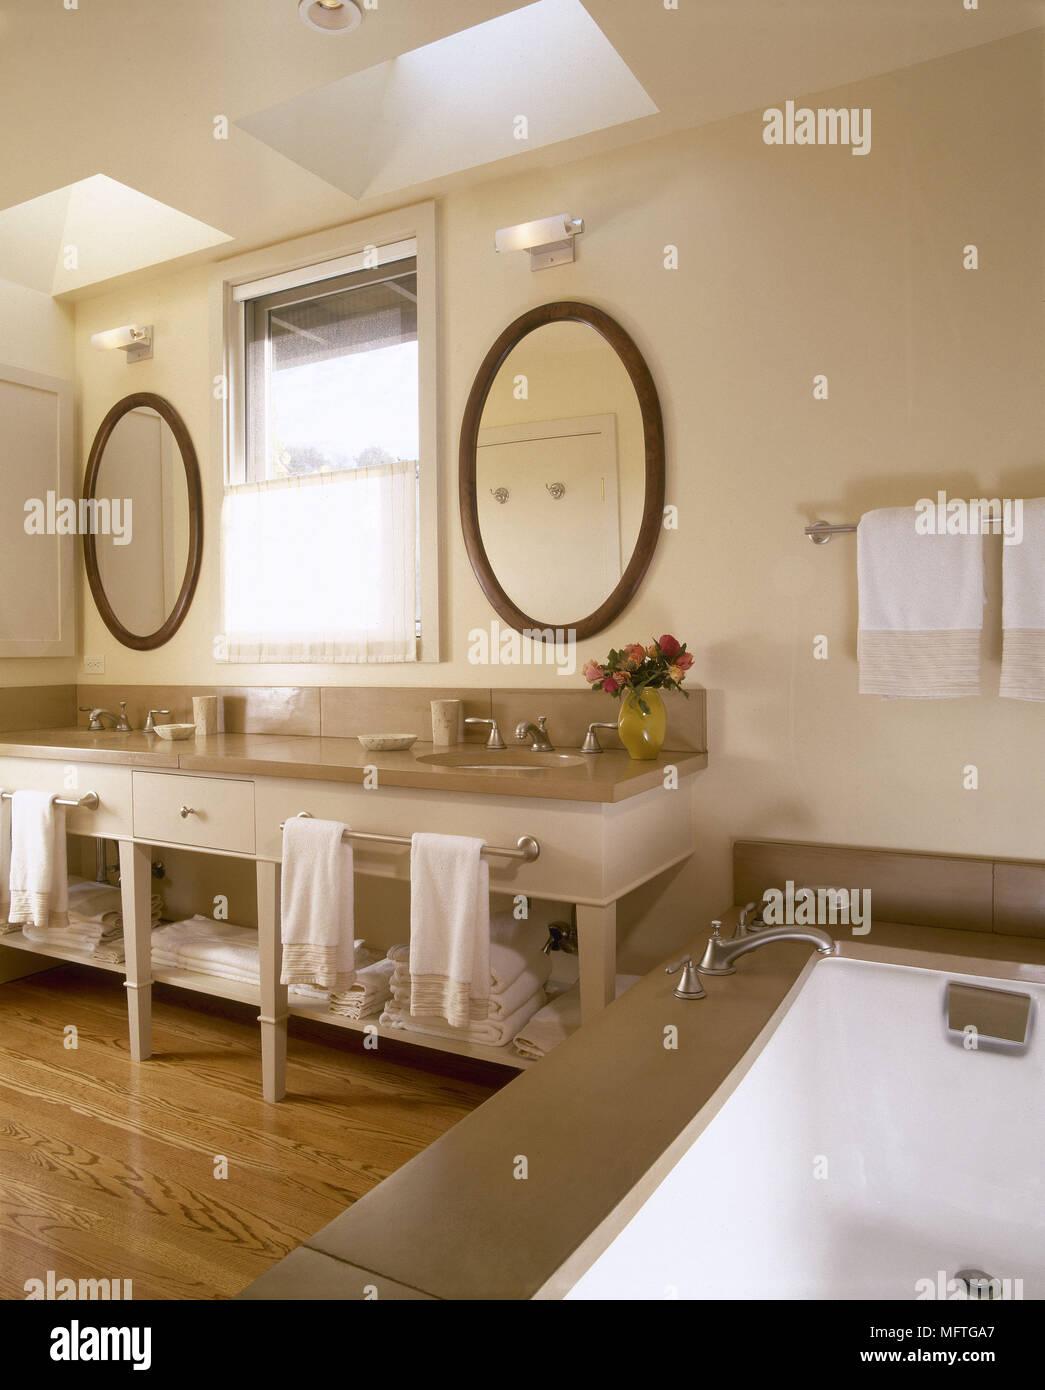 Wunderbar Moderne Neutrale Badezimmer Doppelwaschbecken Auf Schrank Badewanne Set  Oberlichter Inneneinrichtung Badezimmer Waschbecken Bäder Natürliche Farben  ...